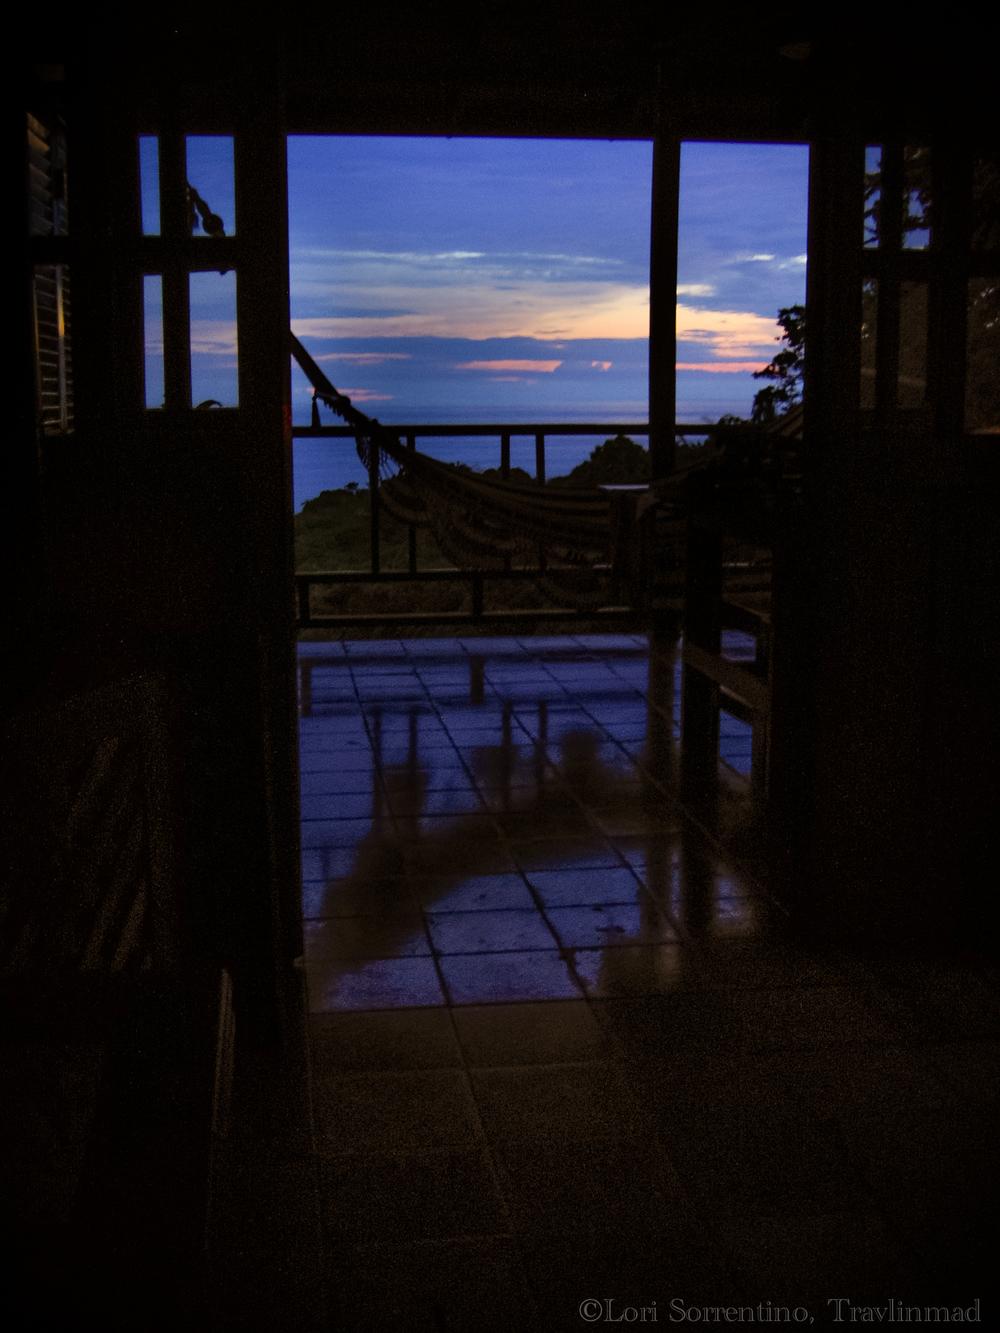 View from Villas Nicolas Manuel Antonio Costa Rica